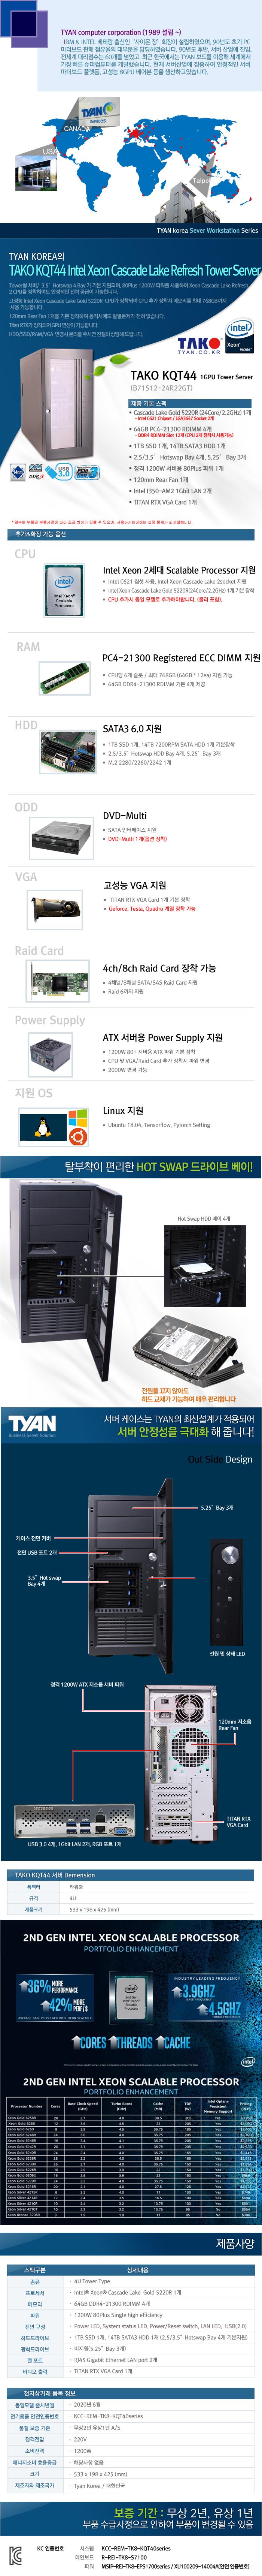 TYAN TAKO-KQT44-(B71S12-24R22GT)-1GPU (256GB, SSD 1TB + 14TB)